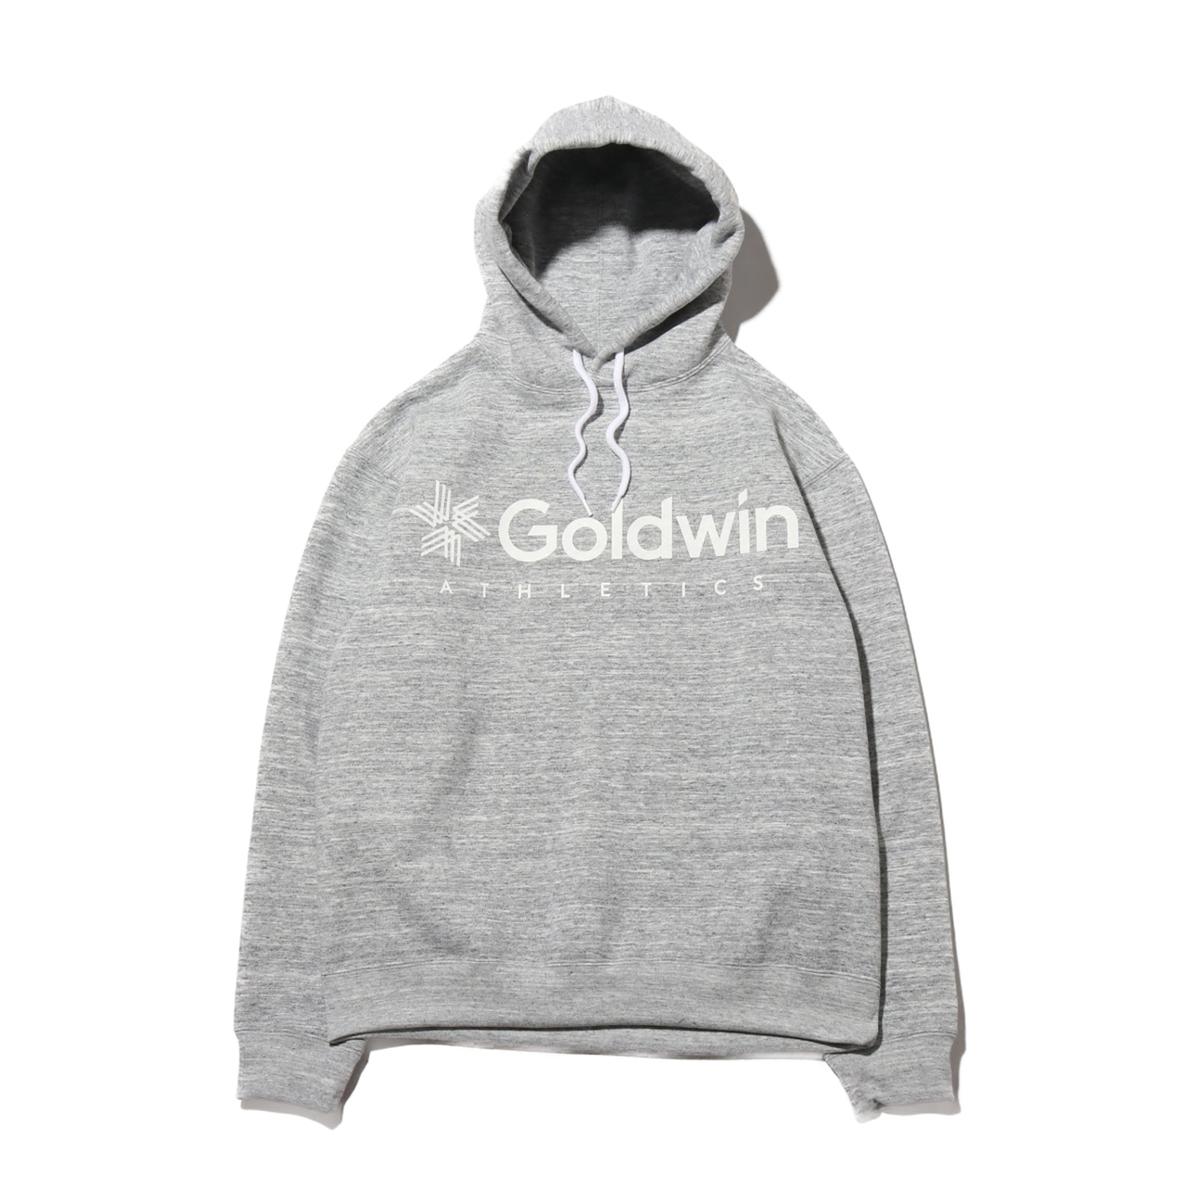 Goldwin Jog Hoodie(HEATHER GREY)(ゴールドウィン ジョグ フーディー)【メンズ】【パーカー】【20SP-I】